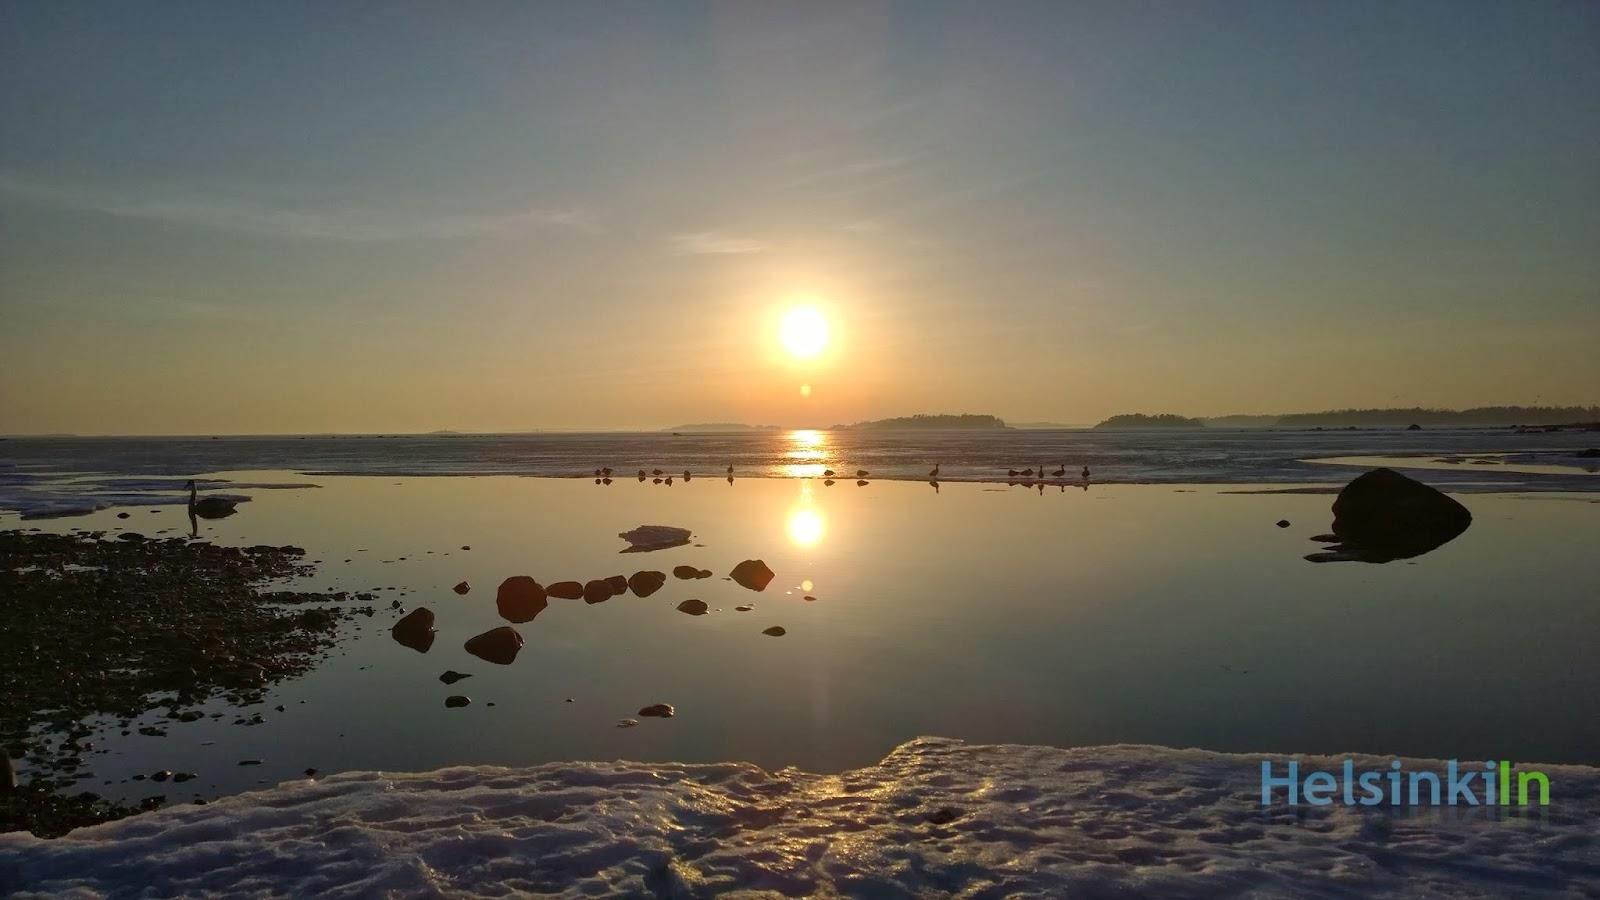 Sun over the sea at Lauttasaari